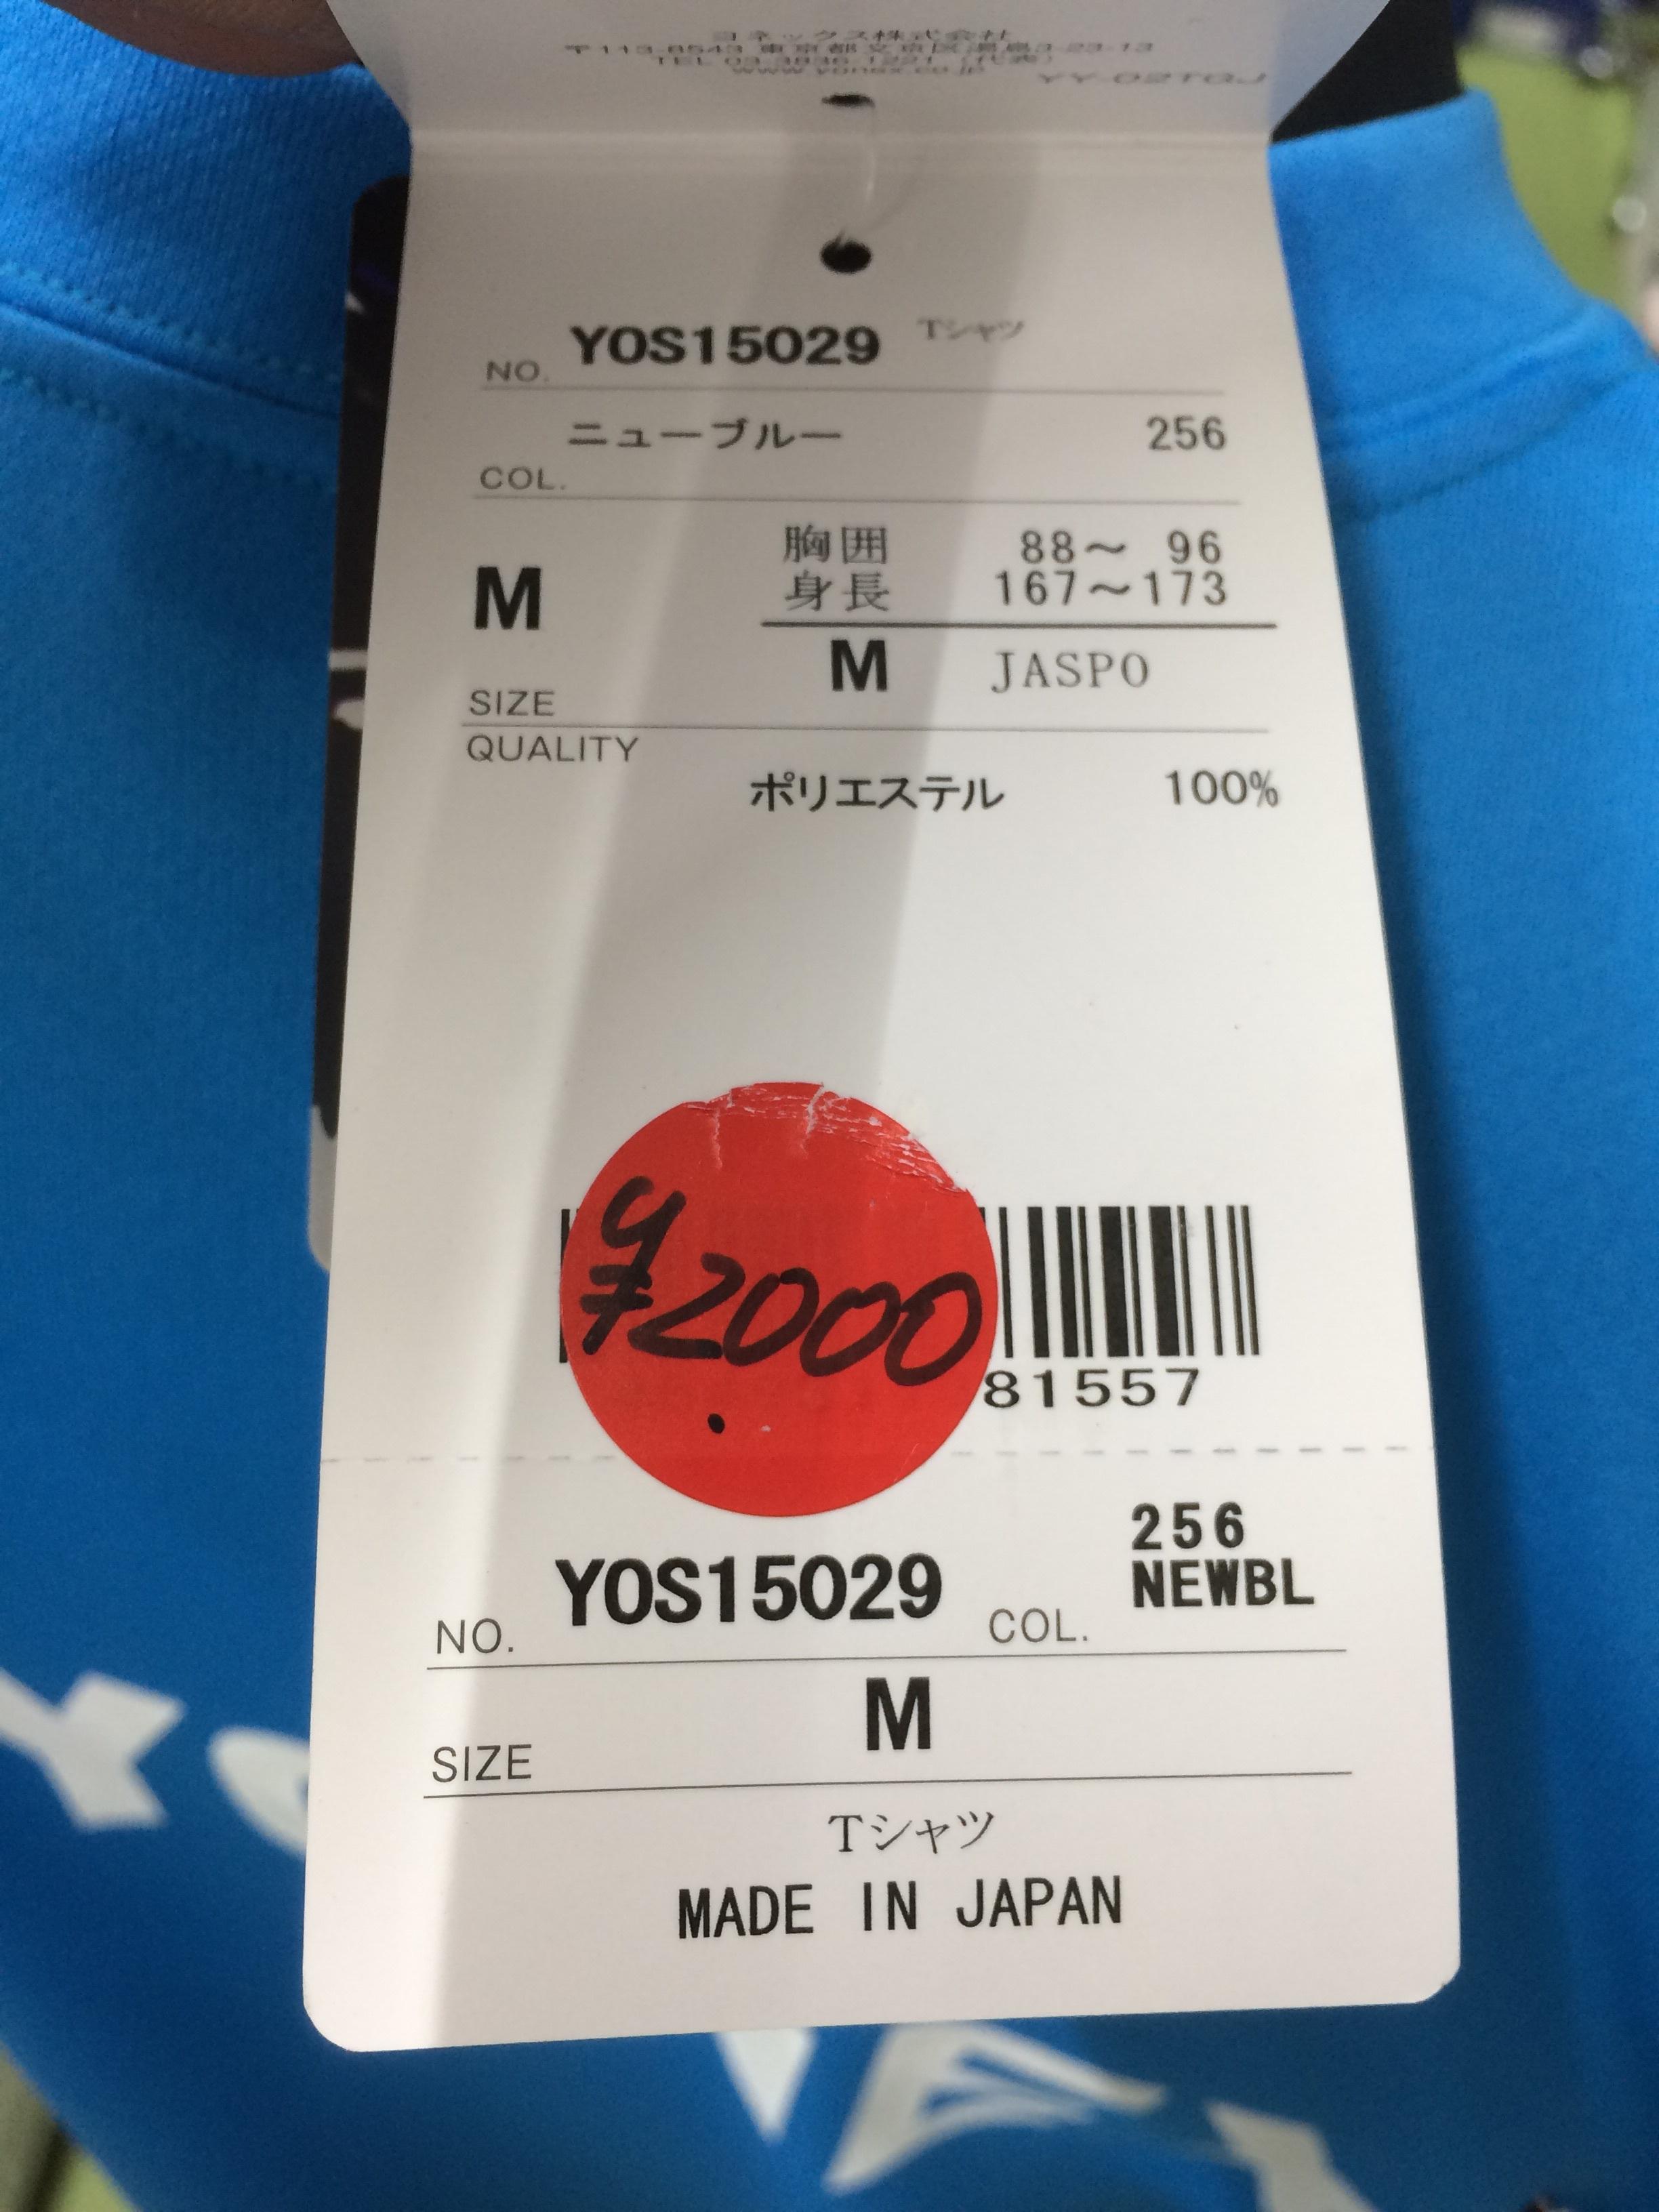 ヨネックス Tシャツ YOS15029 - 画像3